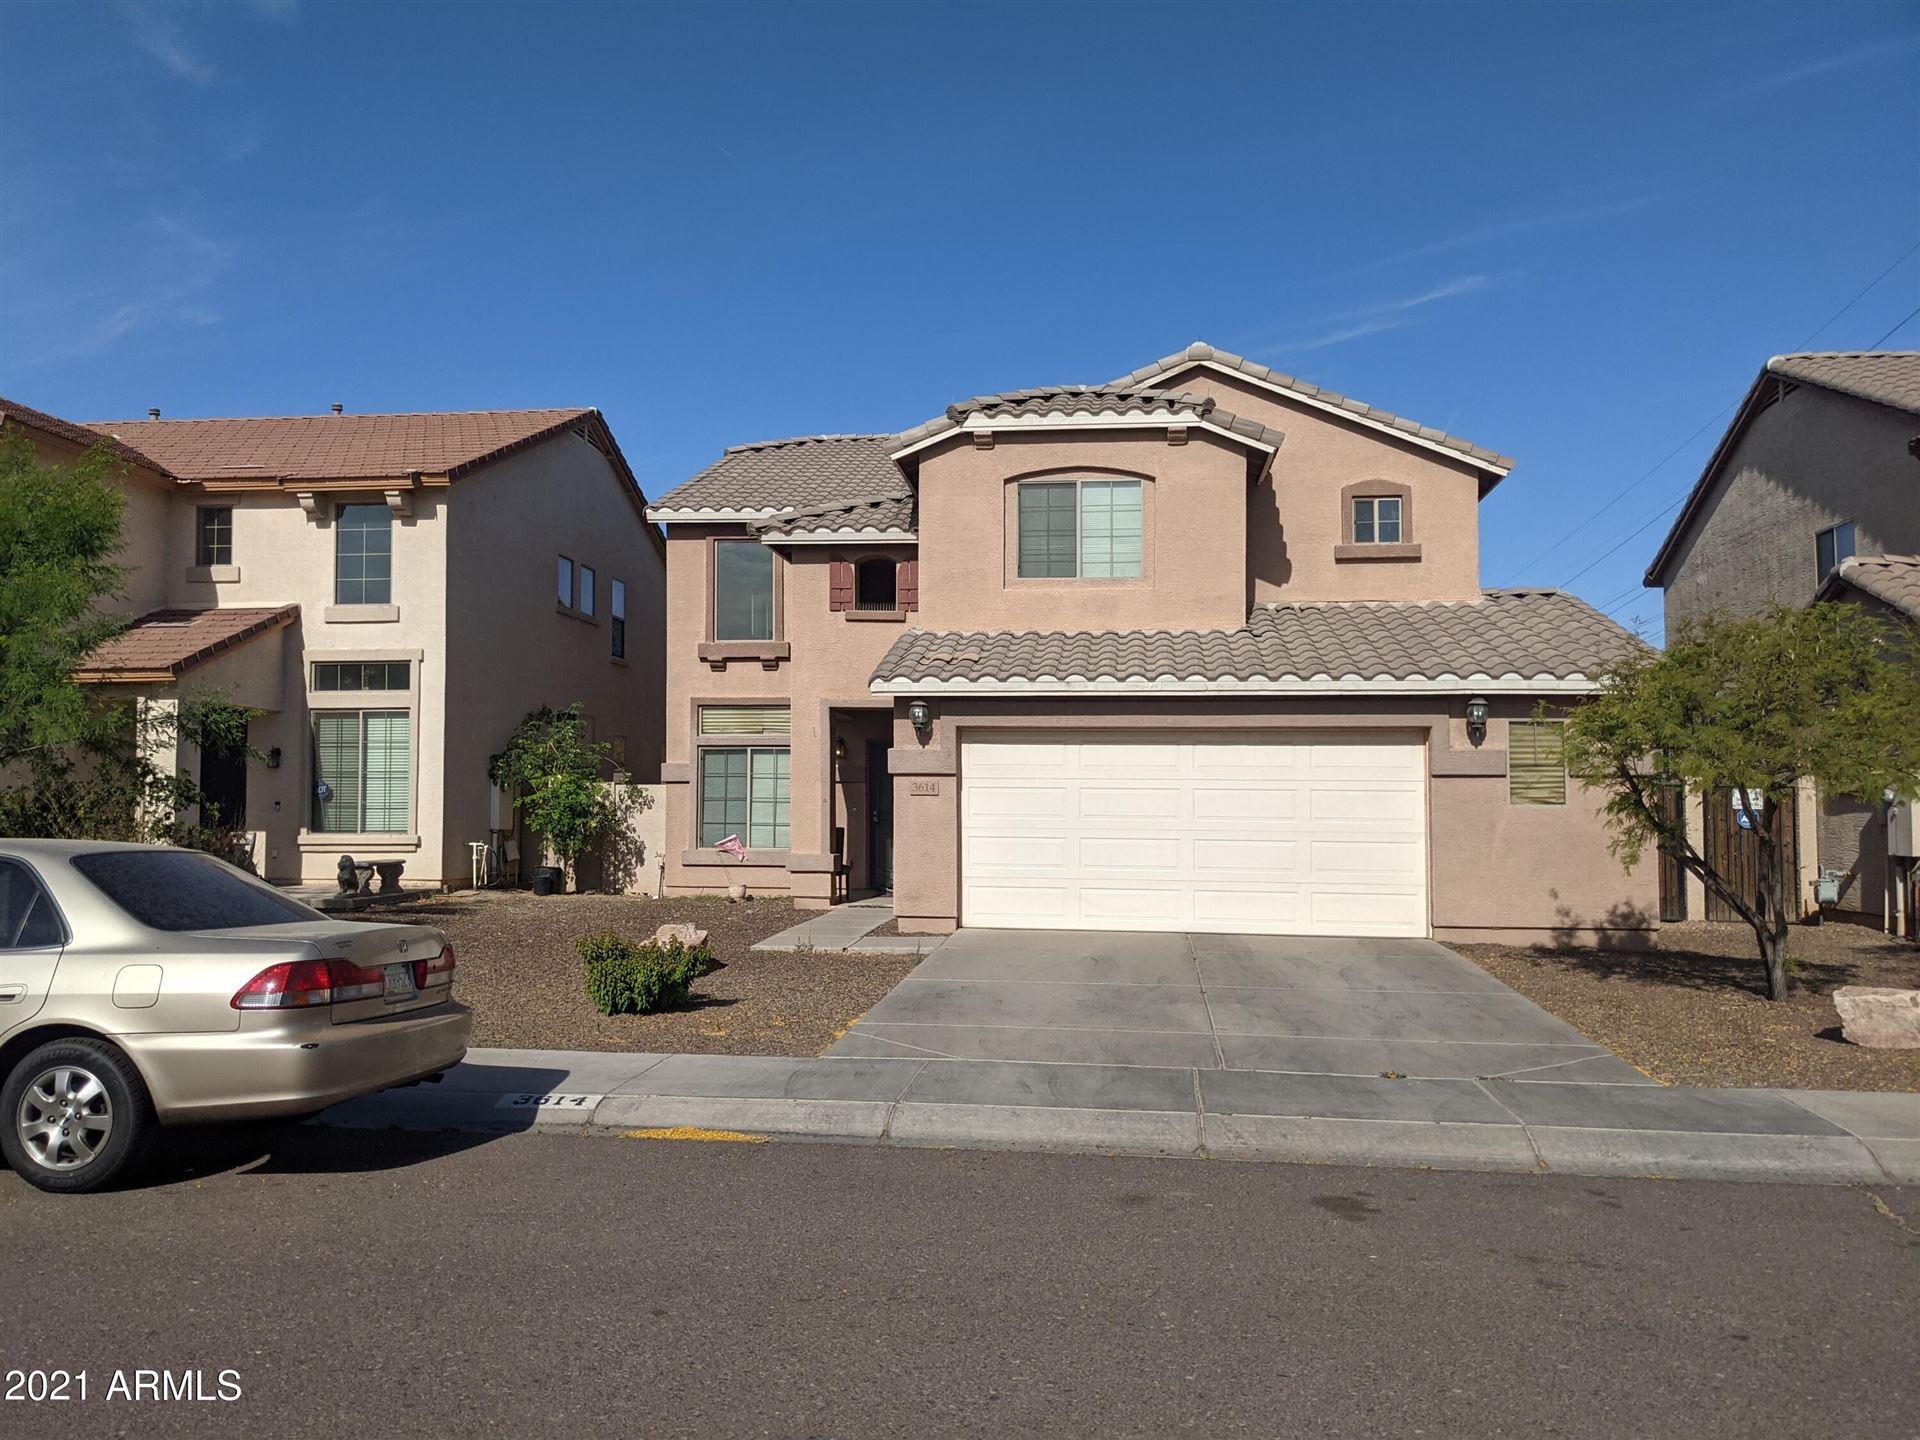 3614 S 71st Lane, Phoenix, AZ 85043 - MLS#: 6232819